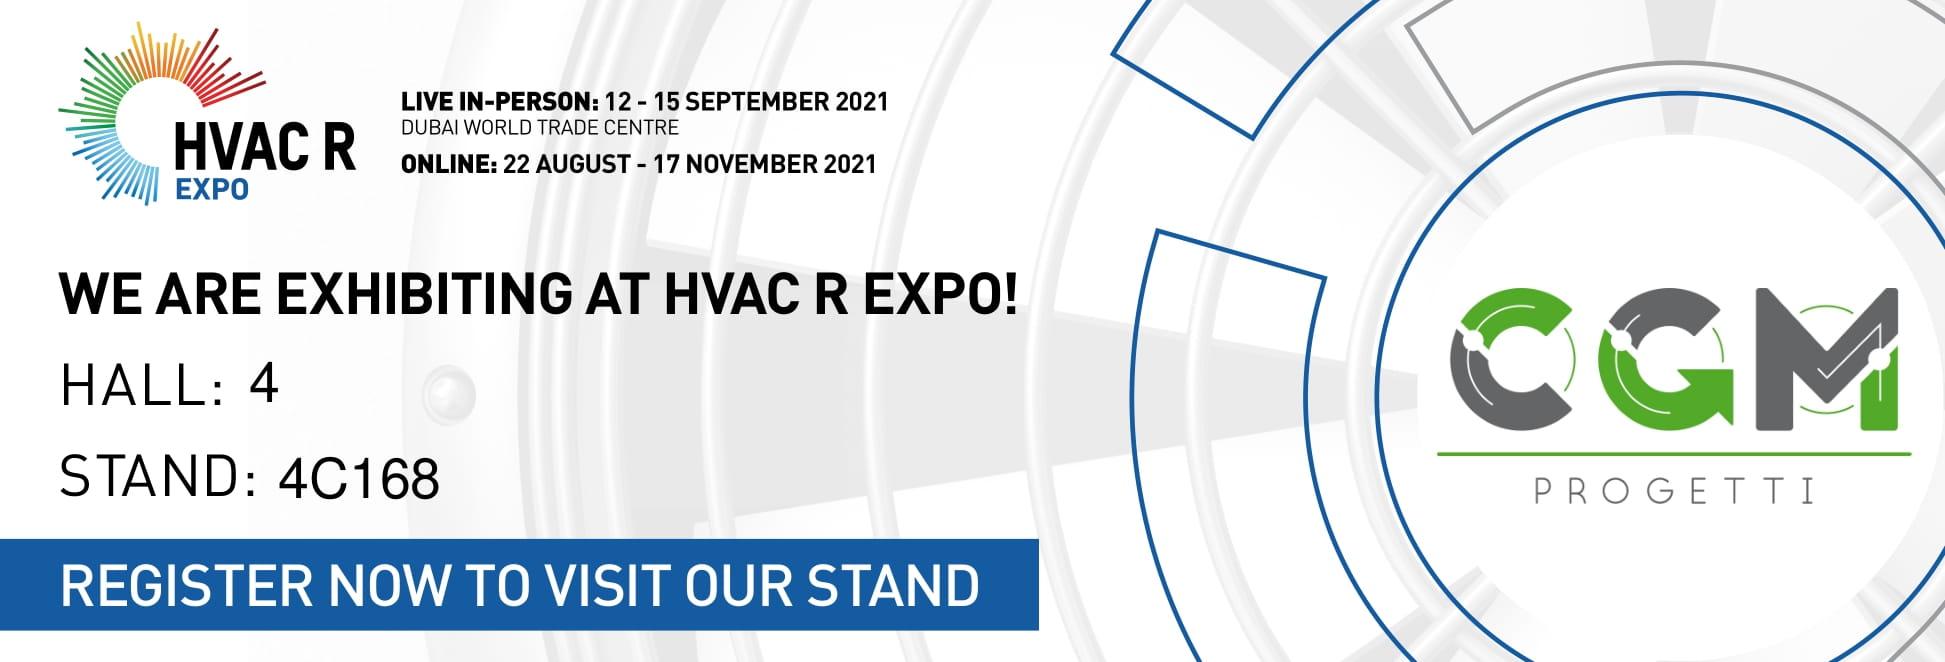 CGM- 4C168-HVAC R Expo 2021 - Exhibitor email signature-1 (002)